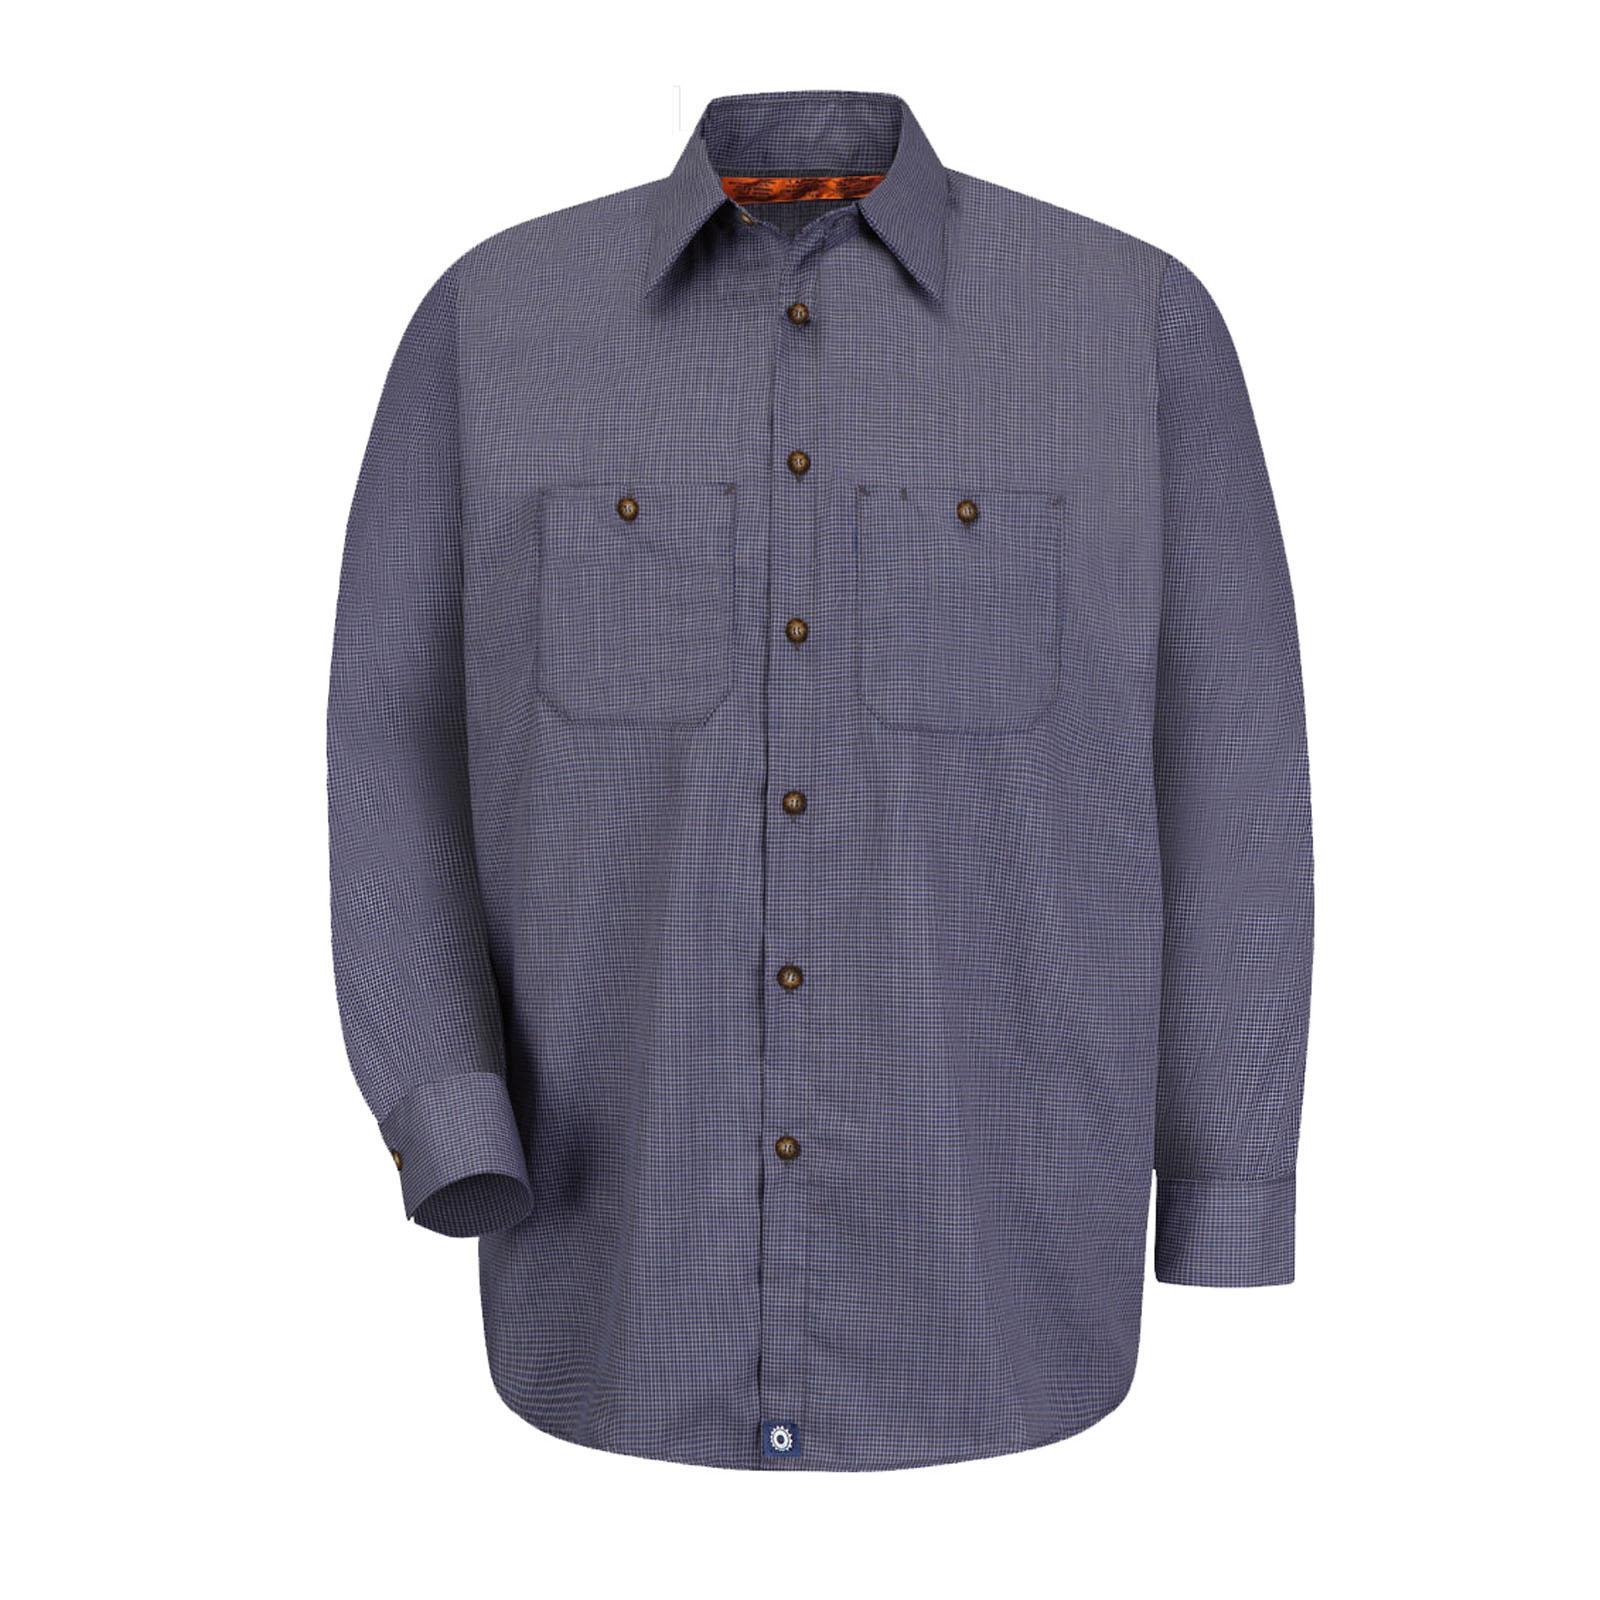 65/35 Men's Long Sleeve Microcheck Industrial Work Shirt-